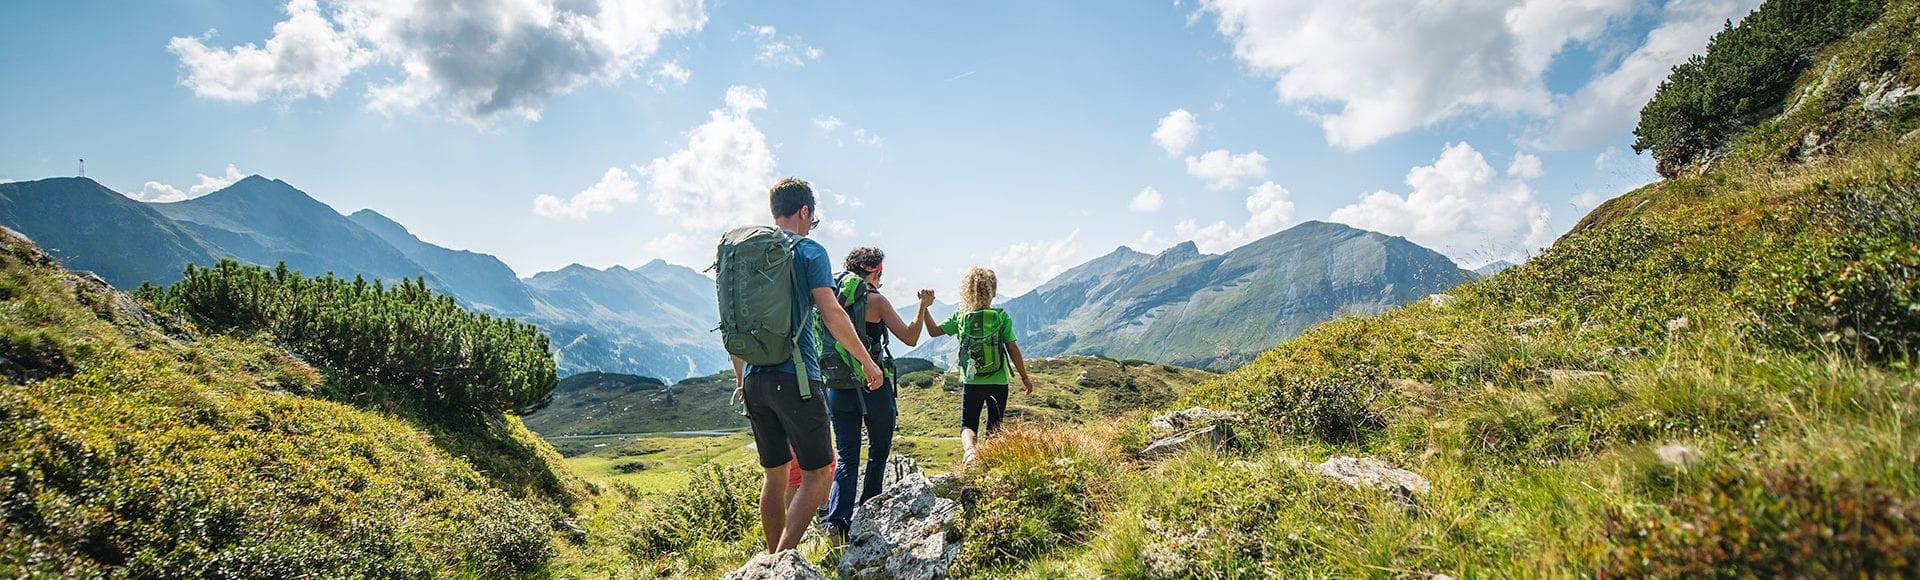 Wandern in Obertauern, Sommerurlaub in Österreich